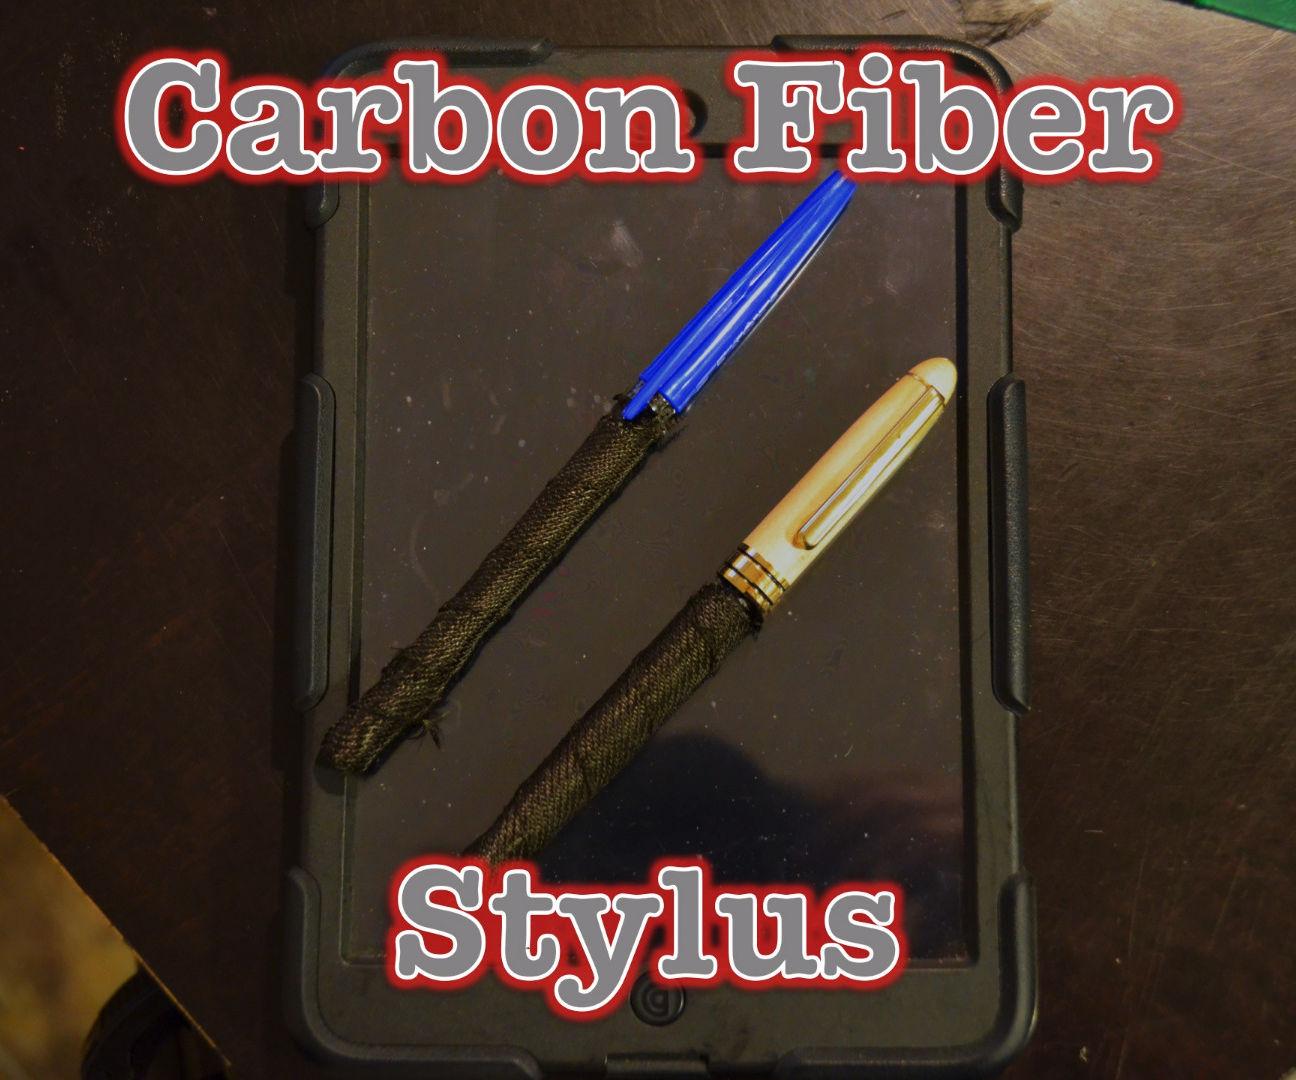 Carbon Fibre Stylus